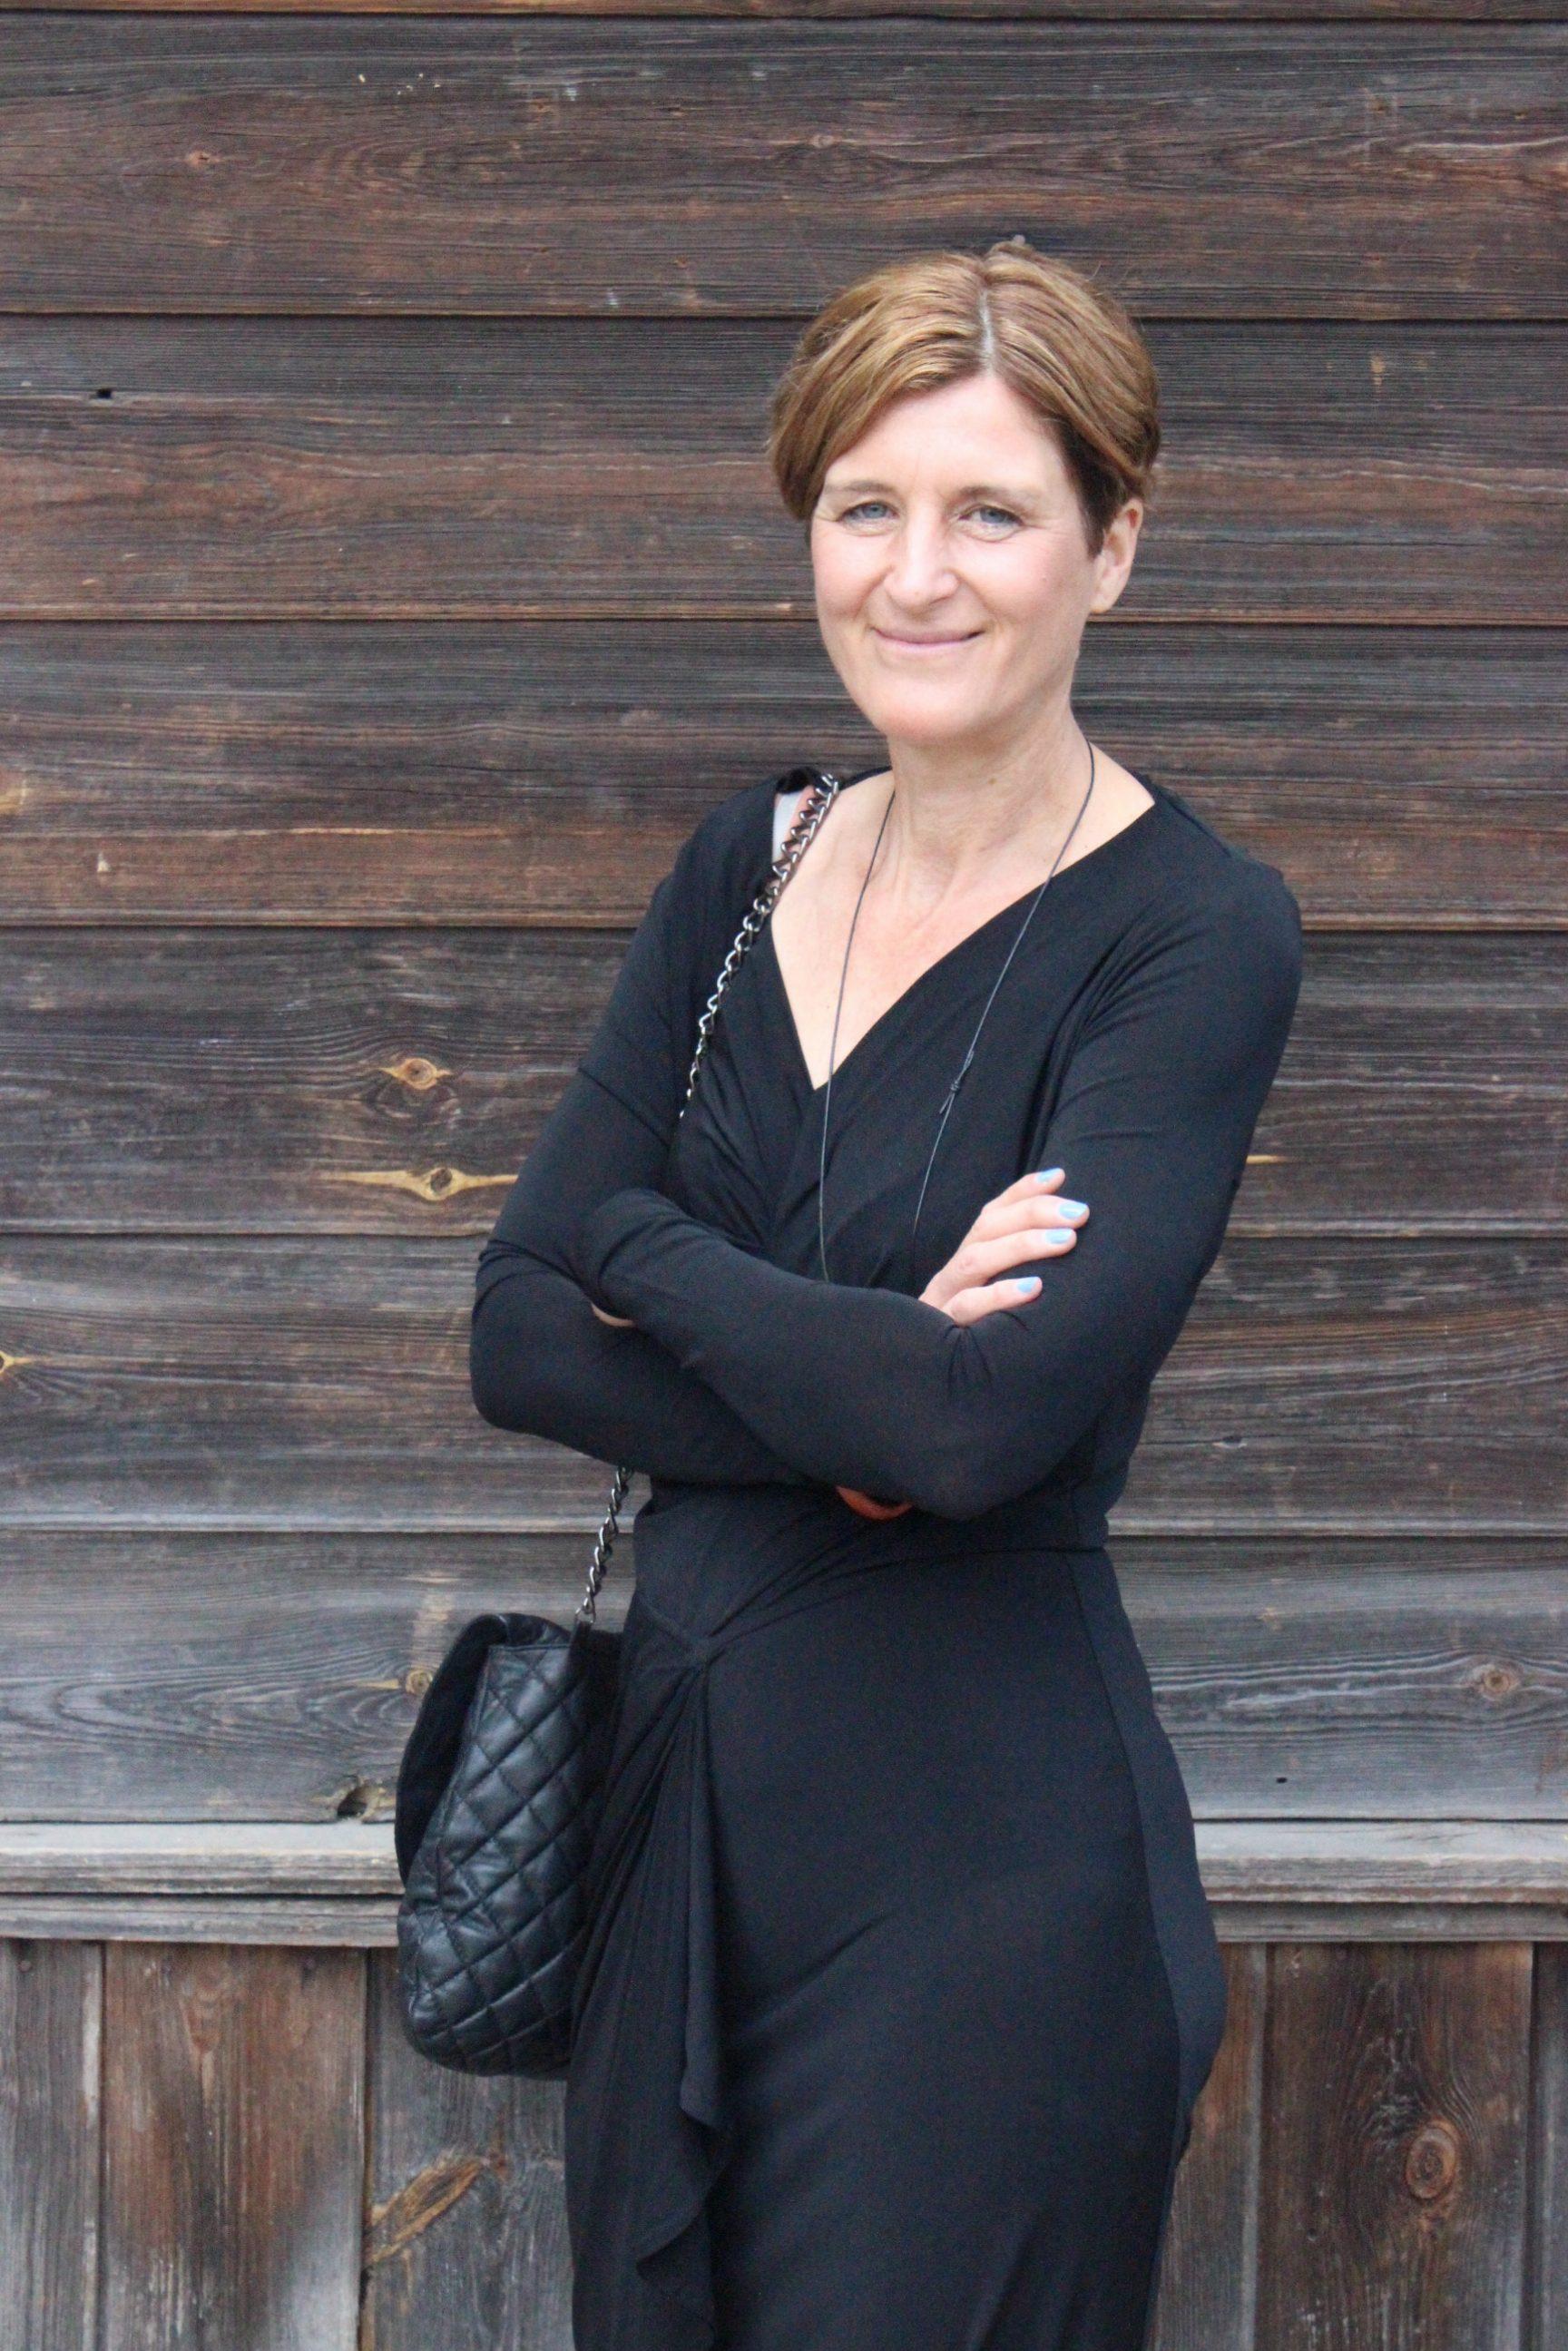 (c) Andrea Berndt